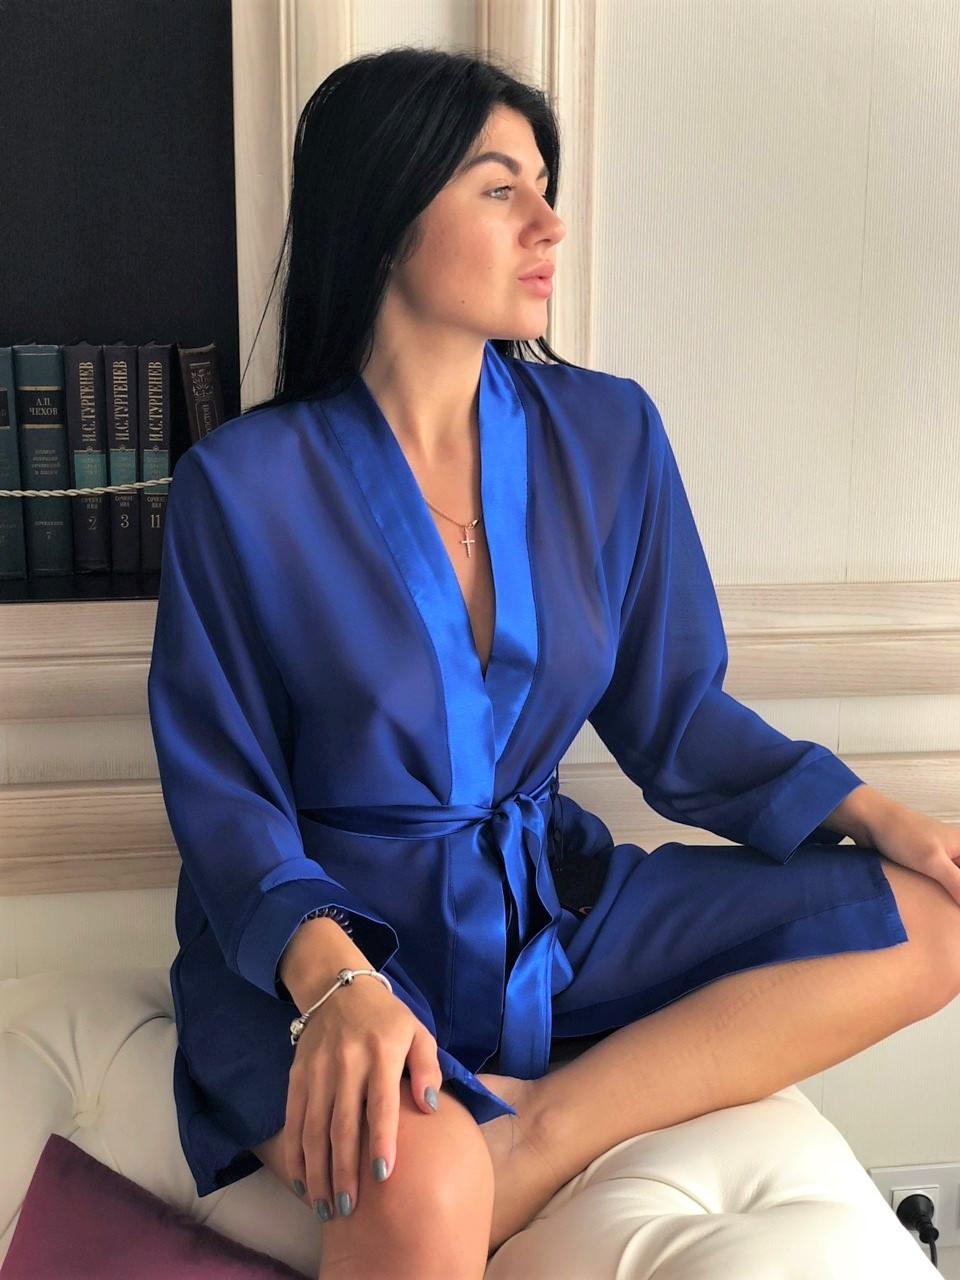 Женская одежда для дома, воздушный халат из шифона.